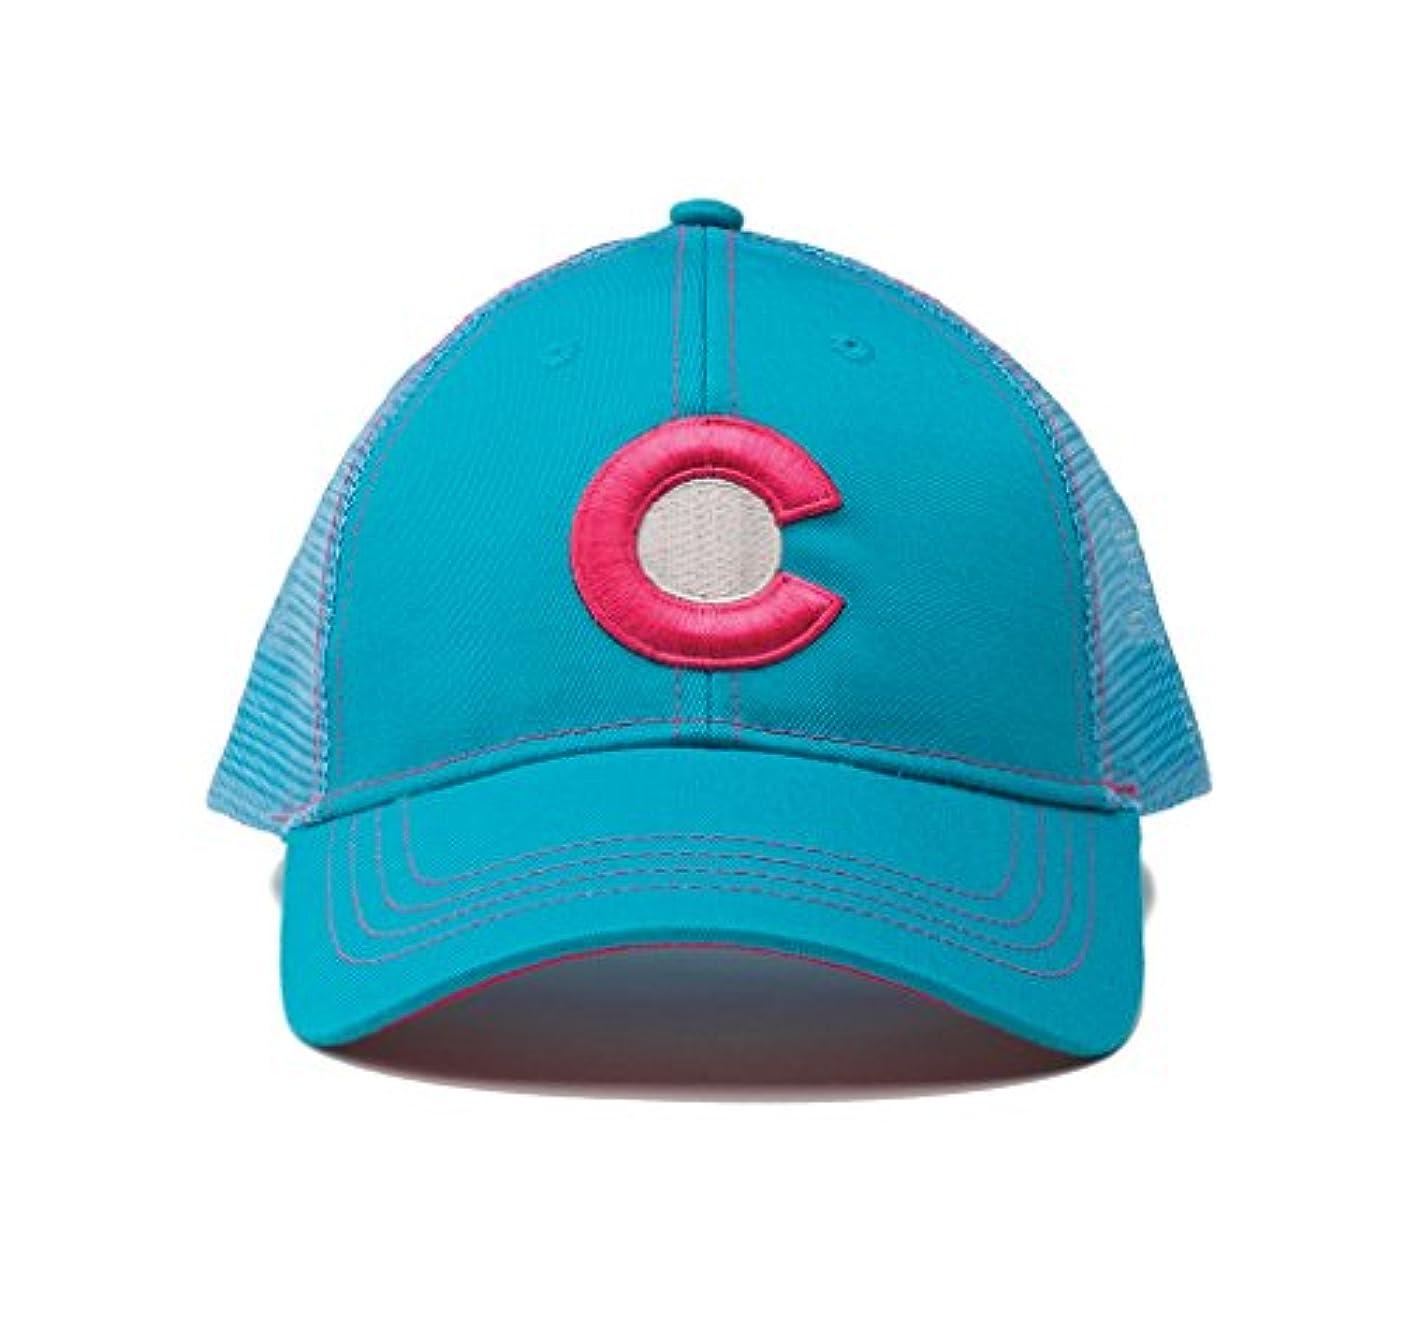 不機嫌今放棄する共和国コロラドnoストライプ帽子ピンク